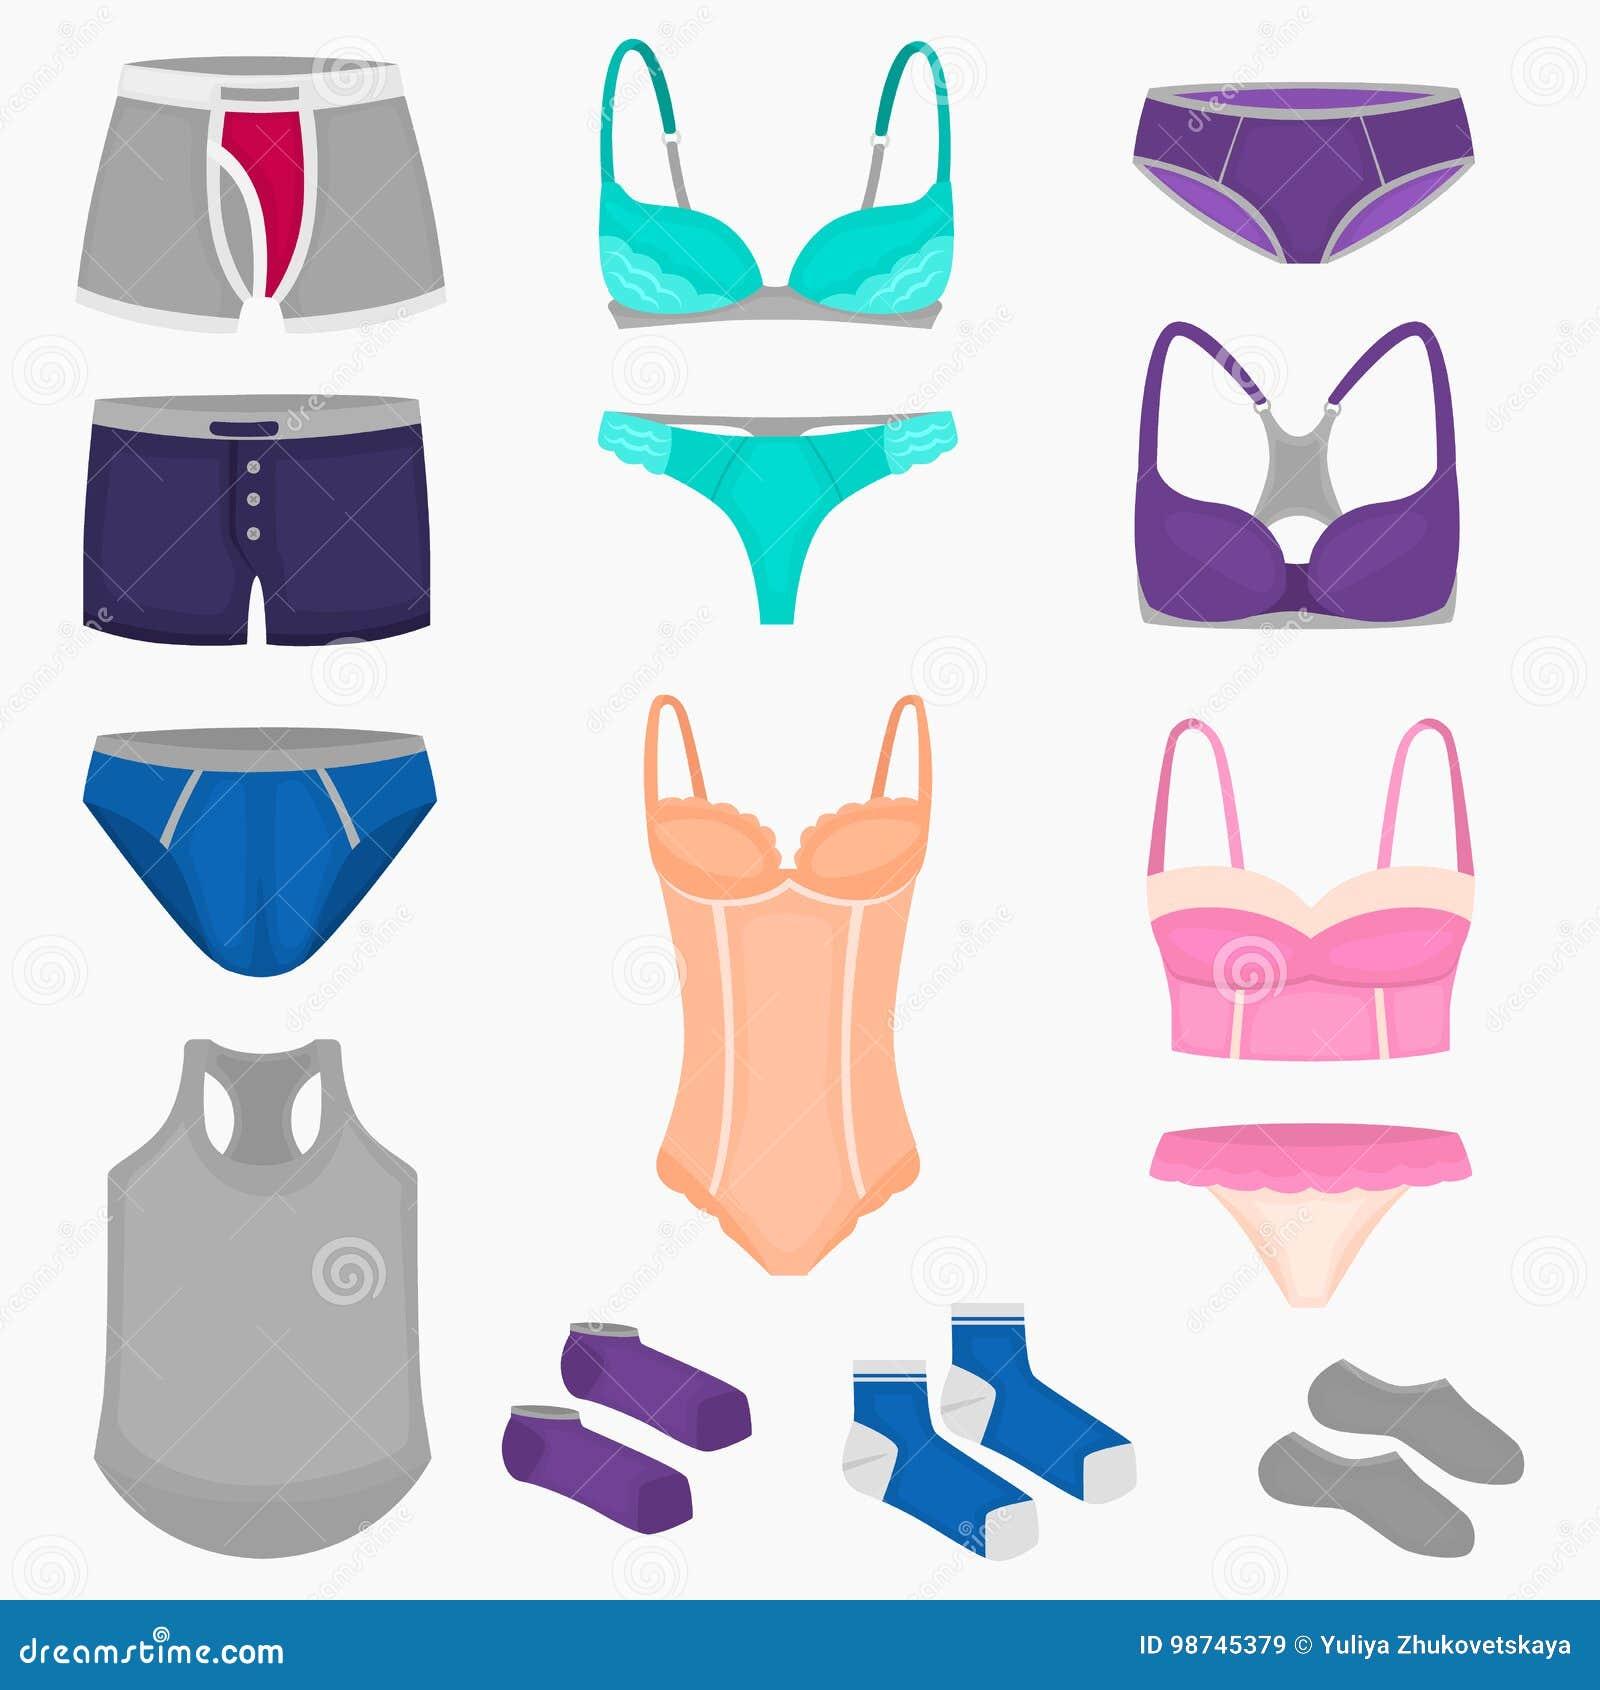 Сети женского белья в женском белье и панталонах